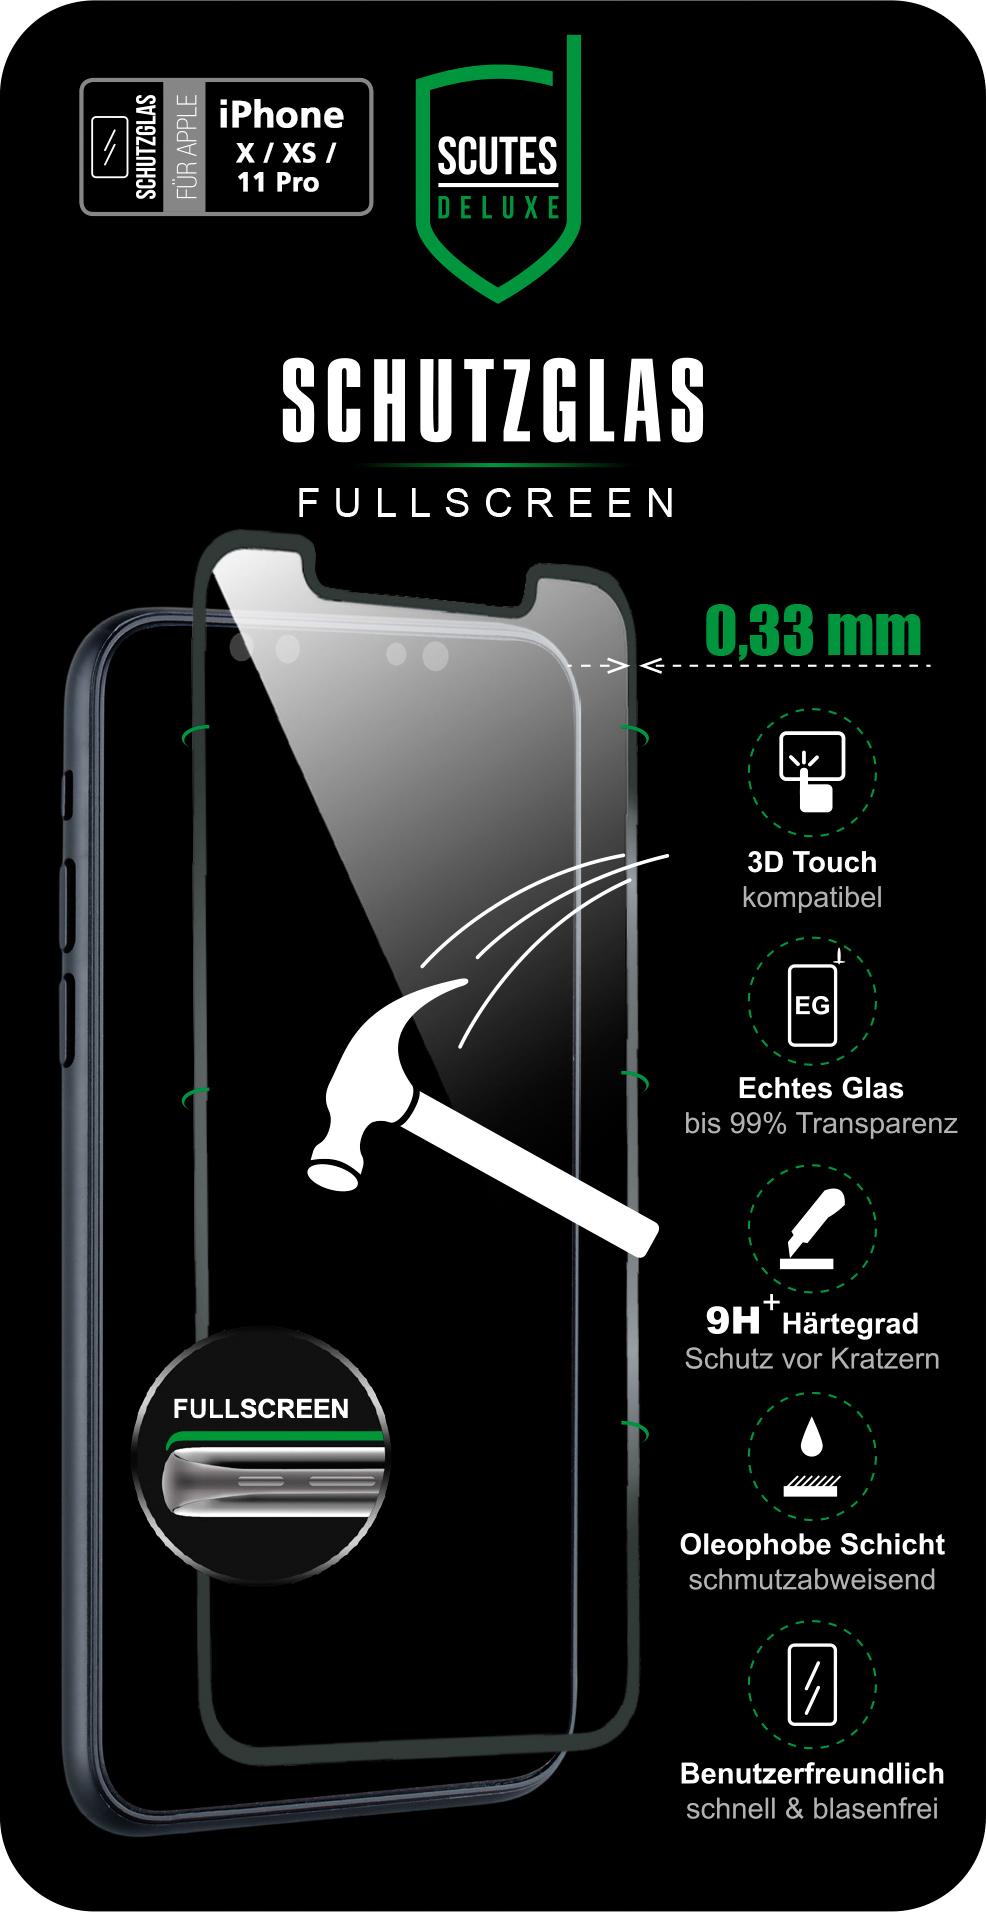 Fullscreen Schutzglas (iPhone 11 Pro)